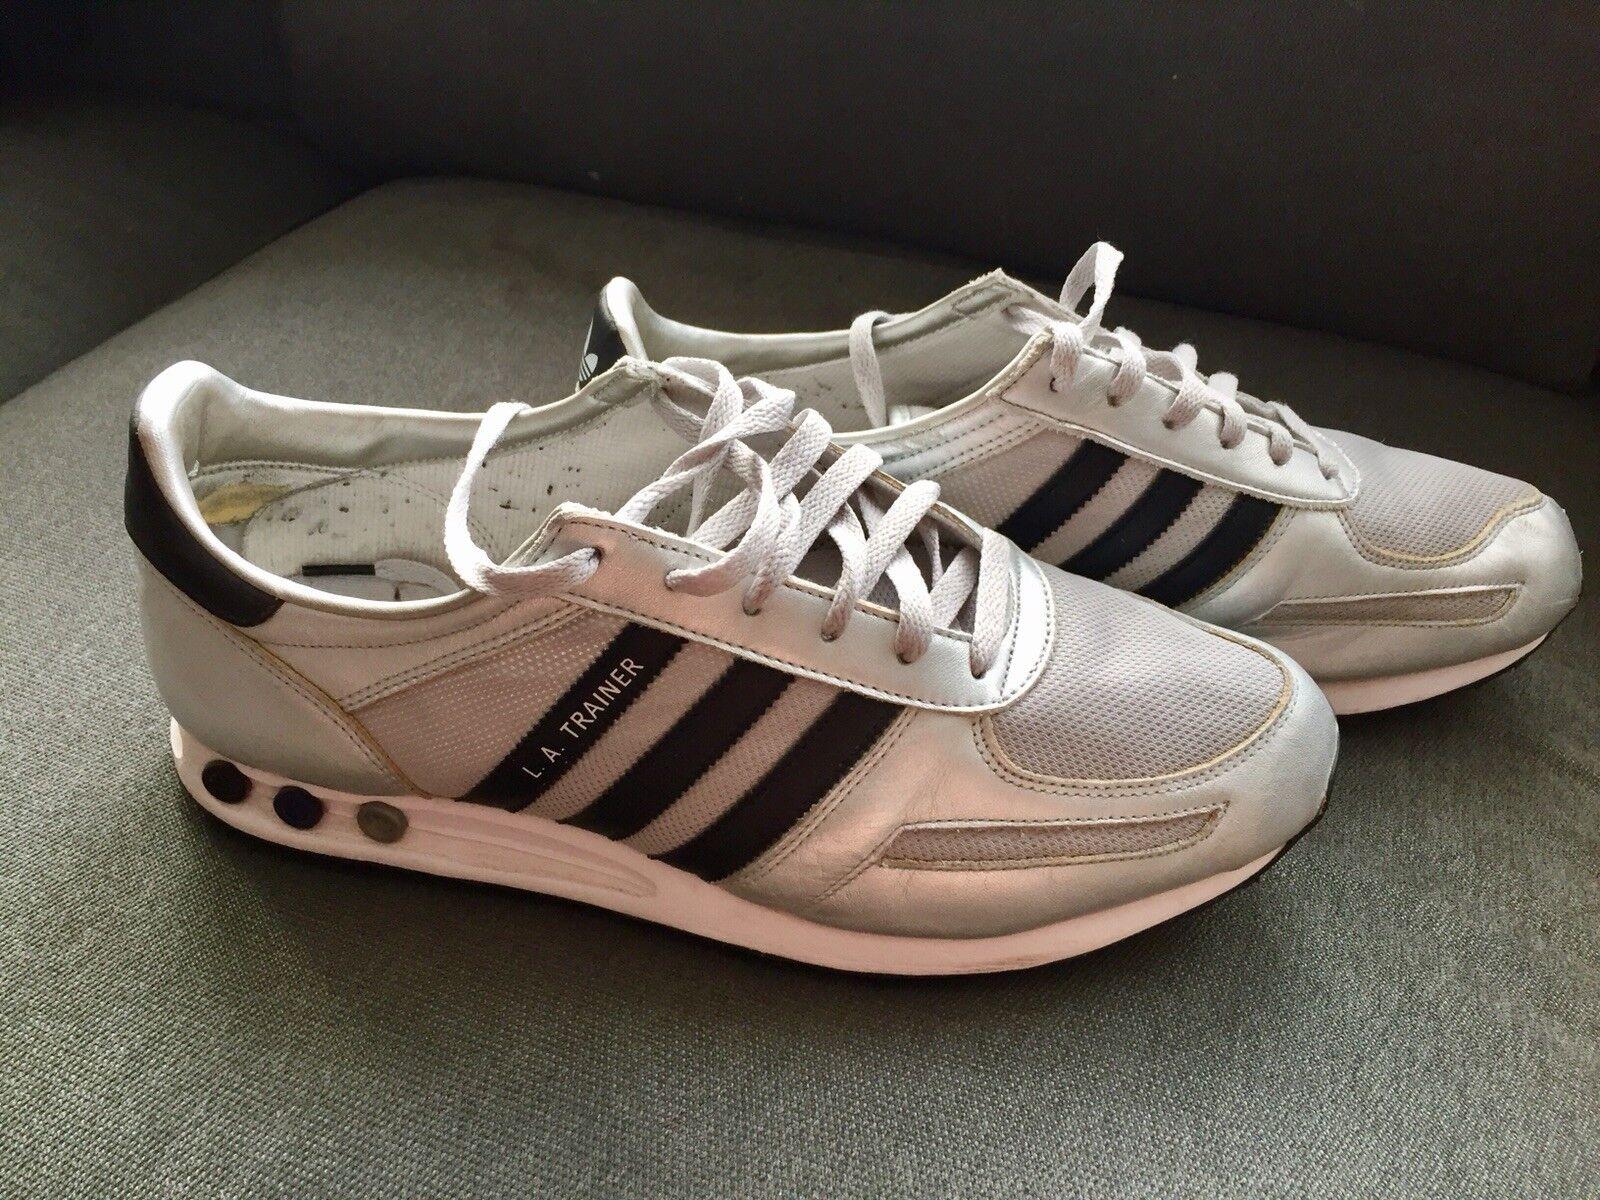 Adidas LA trainer 47 1/3 Herren Schuhe Silber Schwarz